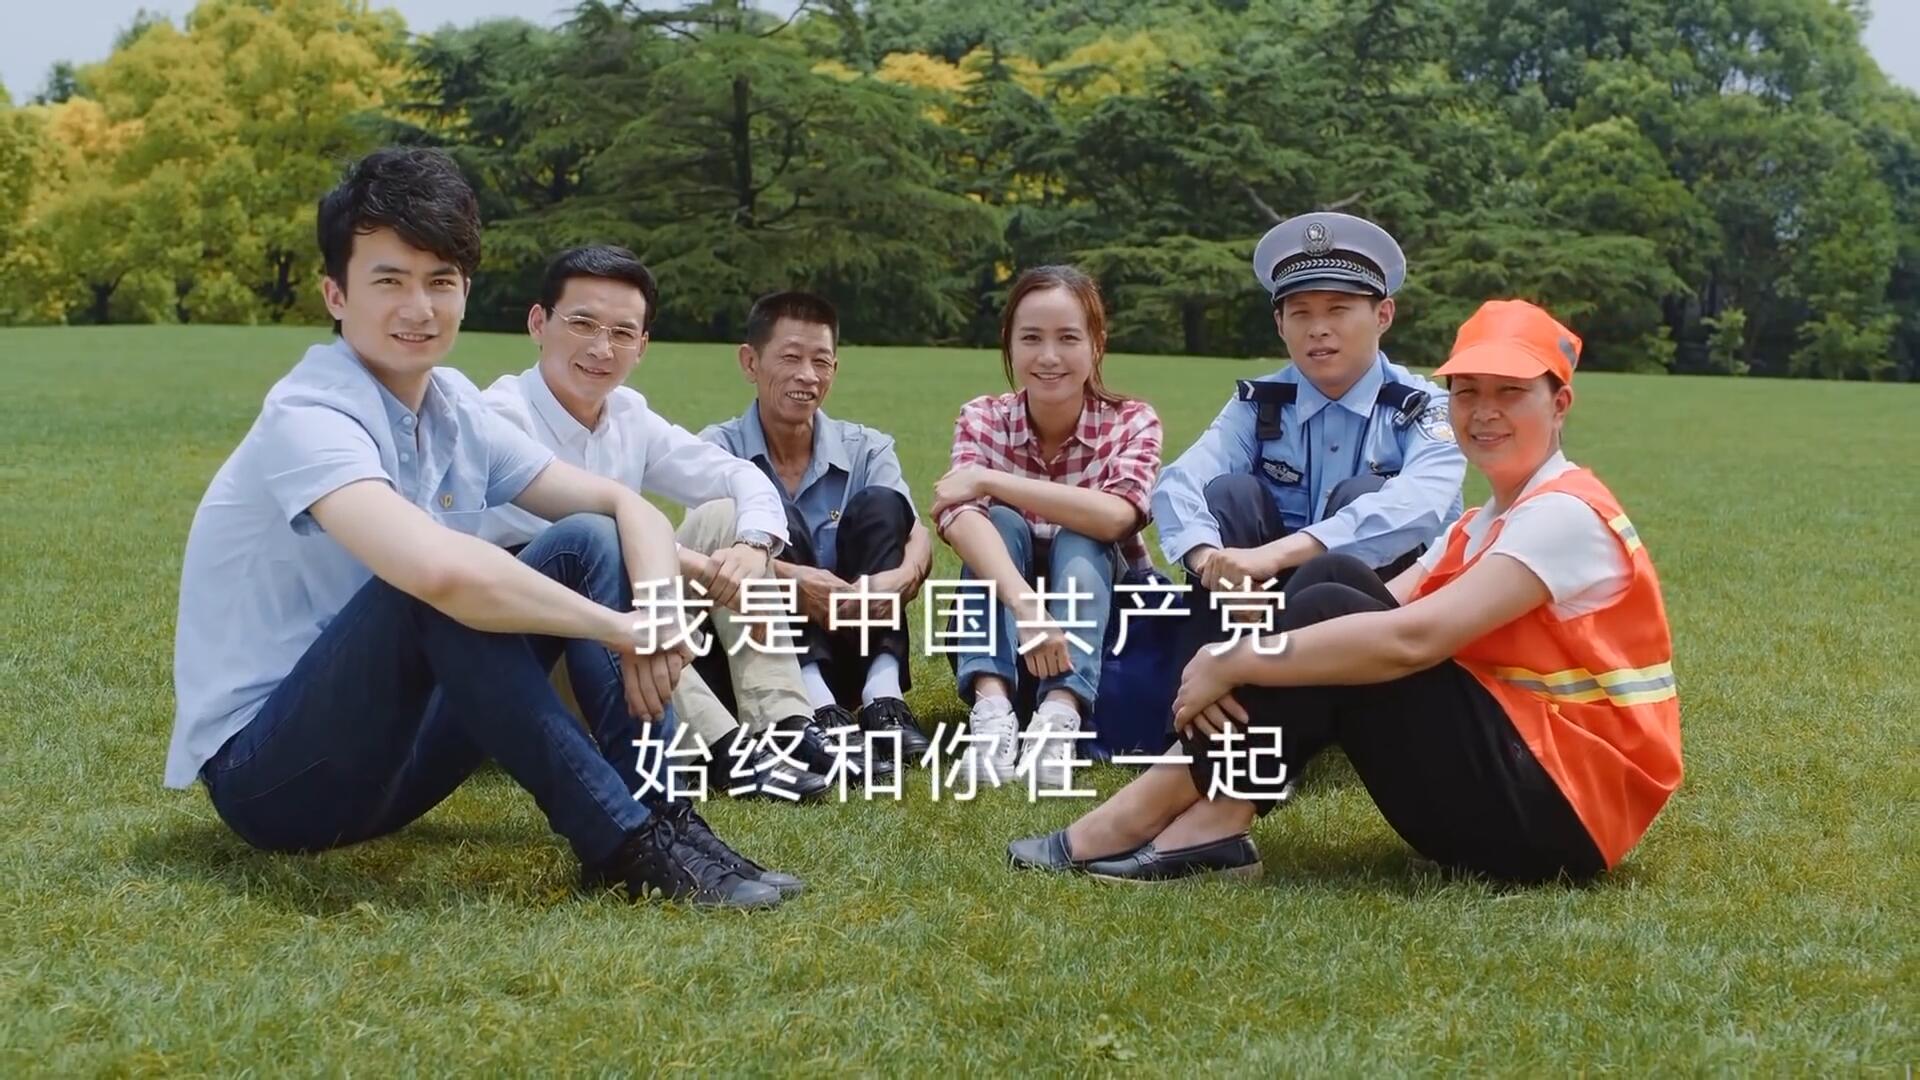 庆祝中国共产党成立95周年公益广告 《我是谁》